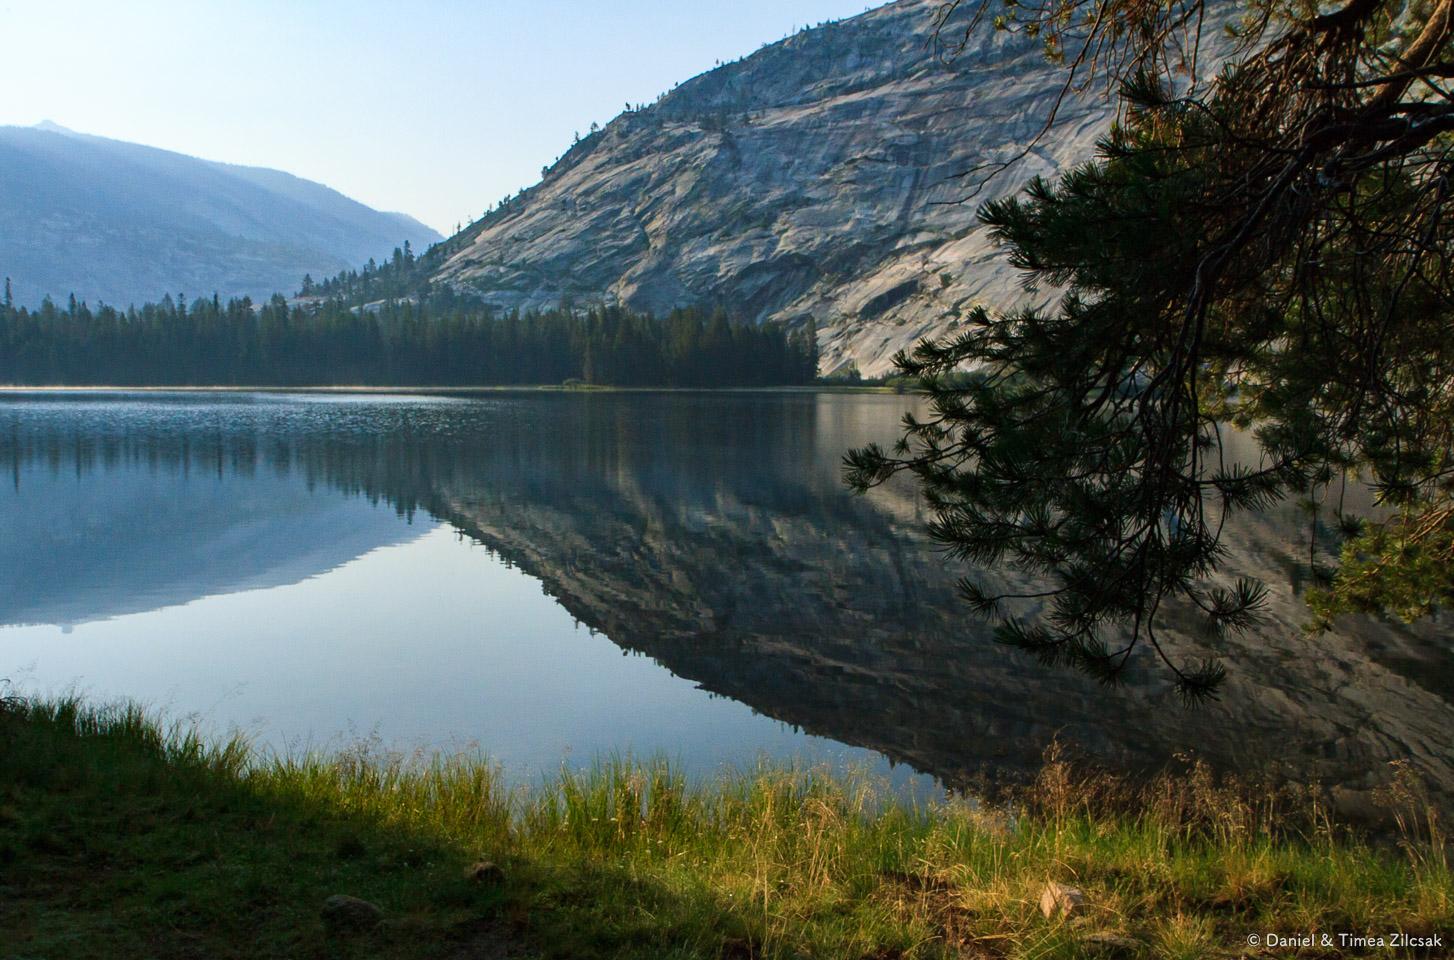 Merced Lake after sunrise, Yosemite National Park